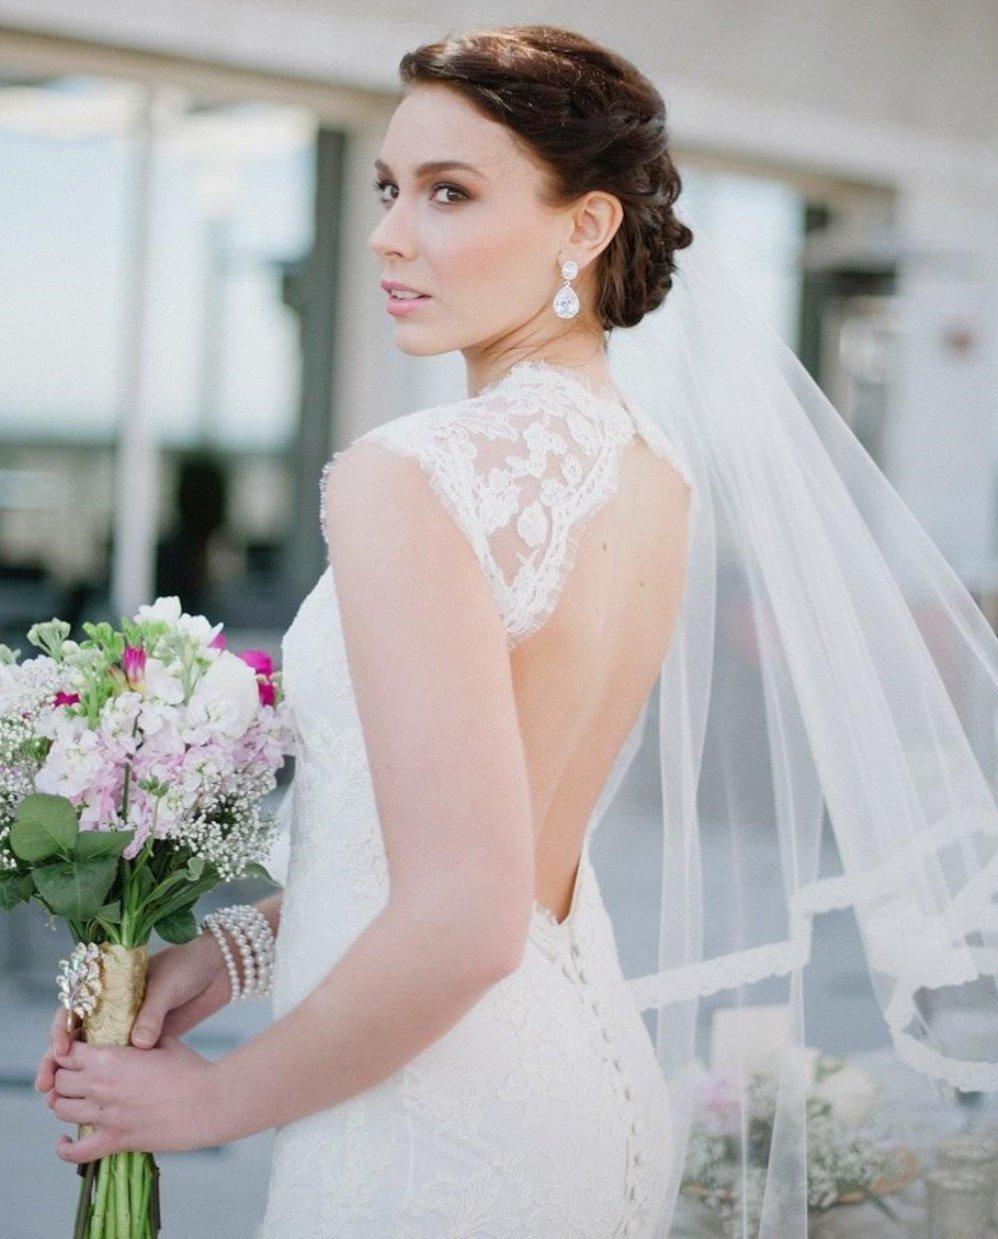 весільні причоски з фатою фото